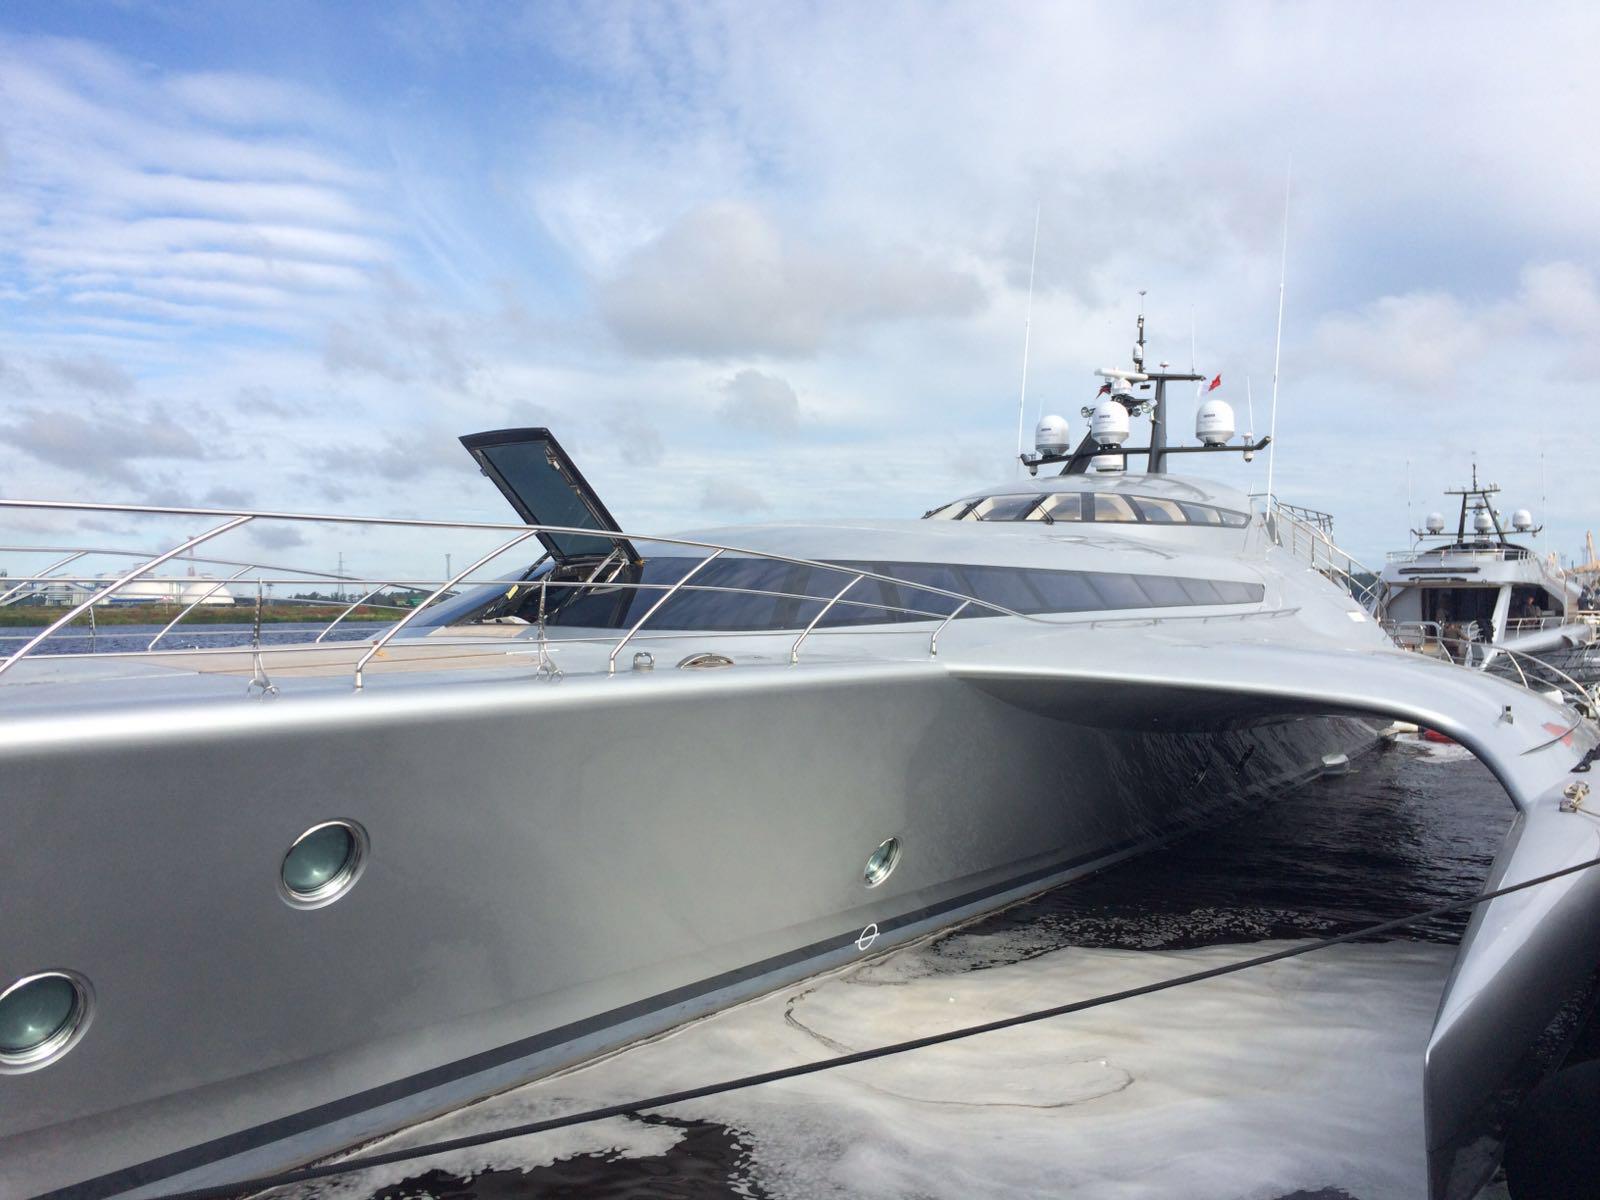 Automazioni Speciali - Grandi aperture - Mono yacht Galaxy of Happiness Latitude Yachts - Esterni